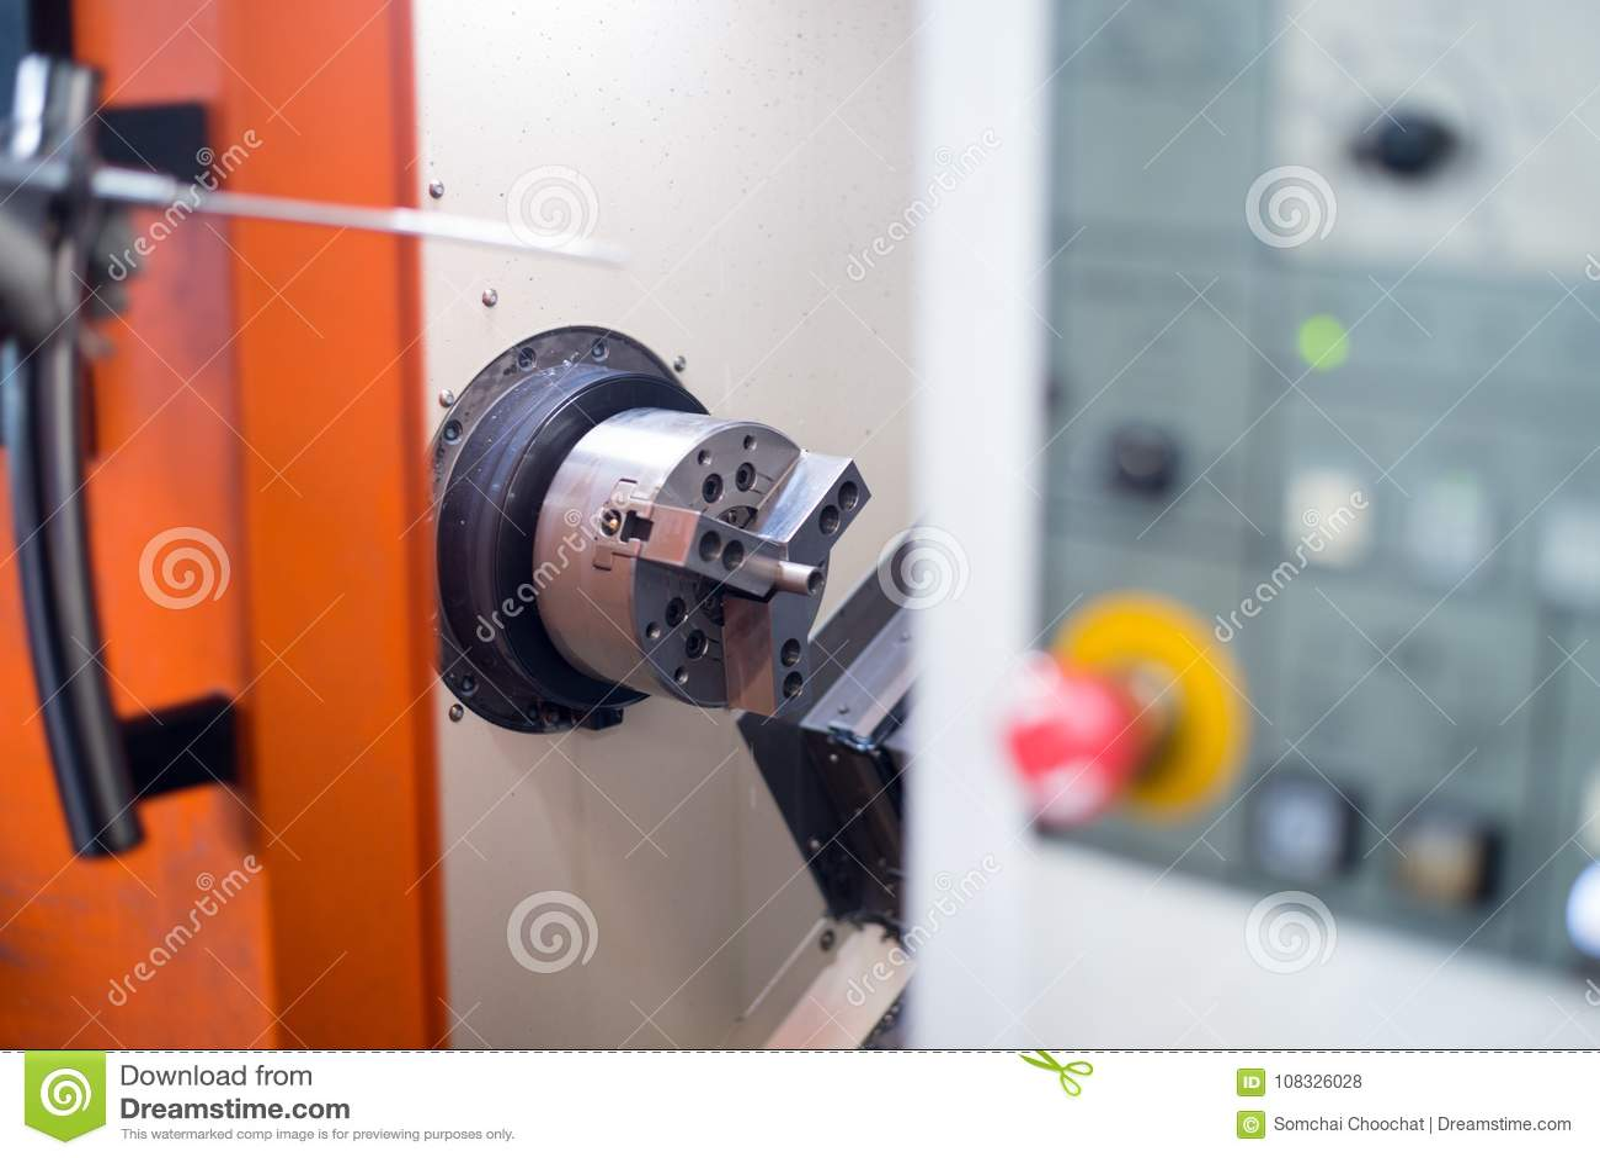 Cnc-Drehbank im Herstellungsverfahren